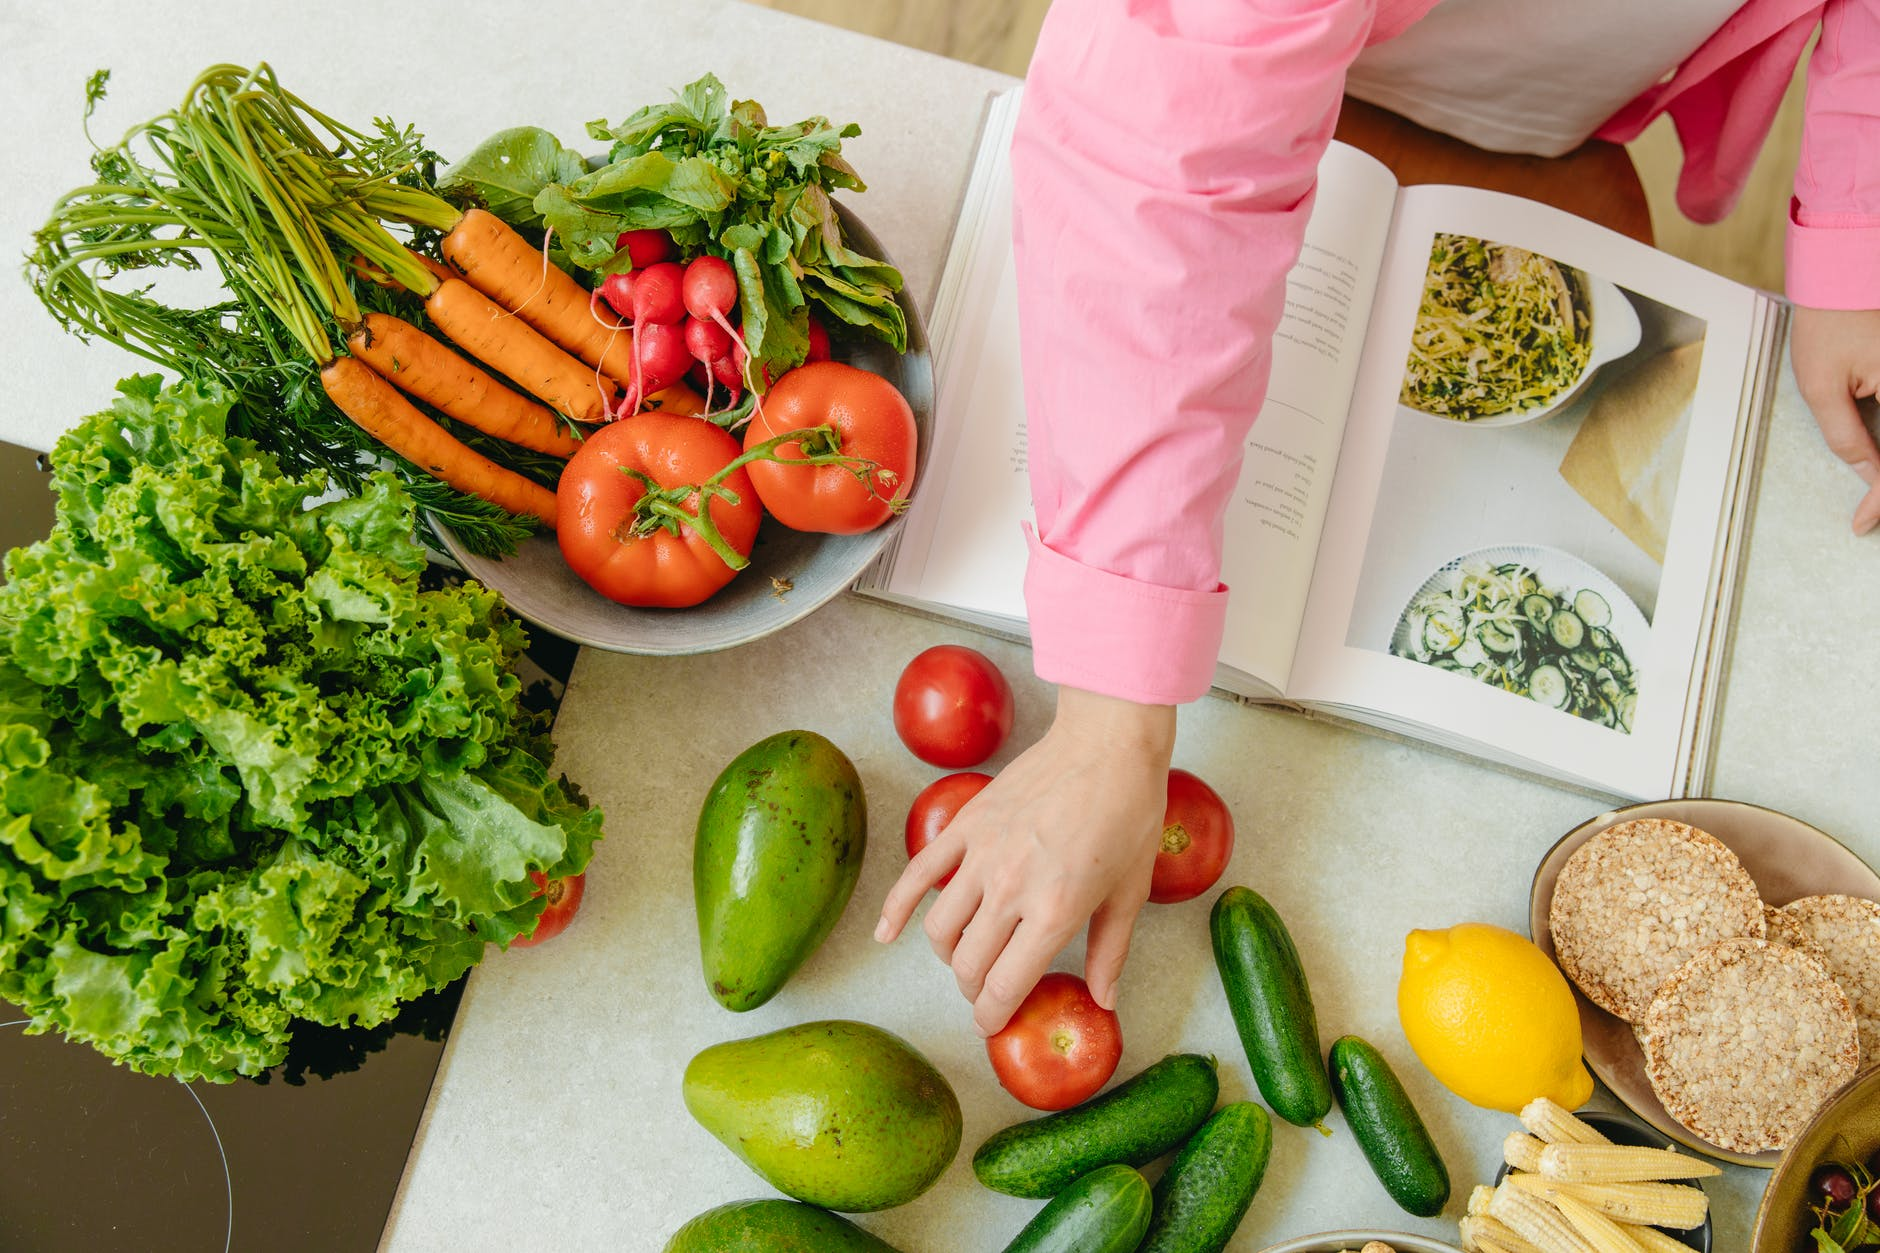 8 وجبات خفيفة مدرسية لطفلك لرفع مناعته